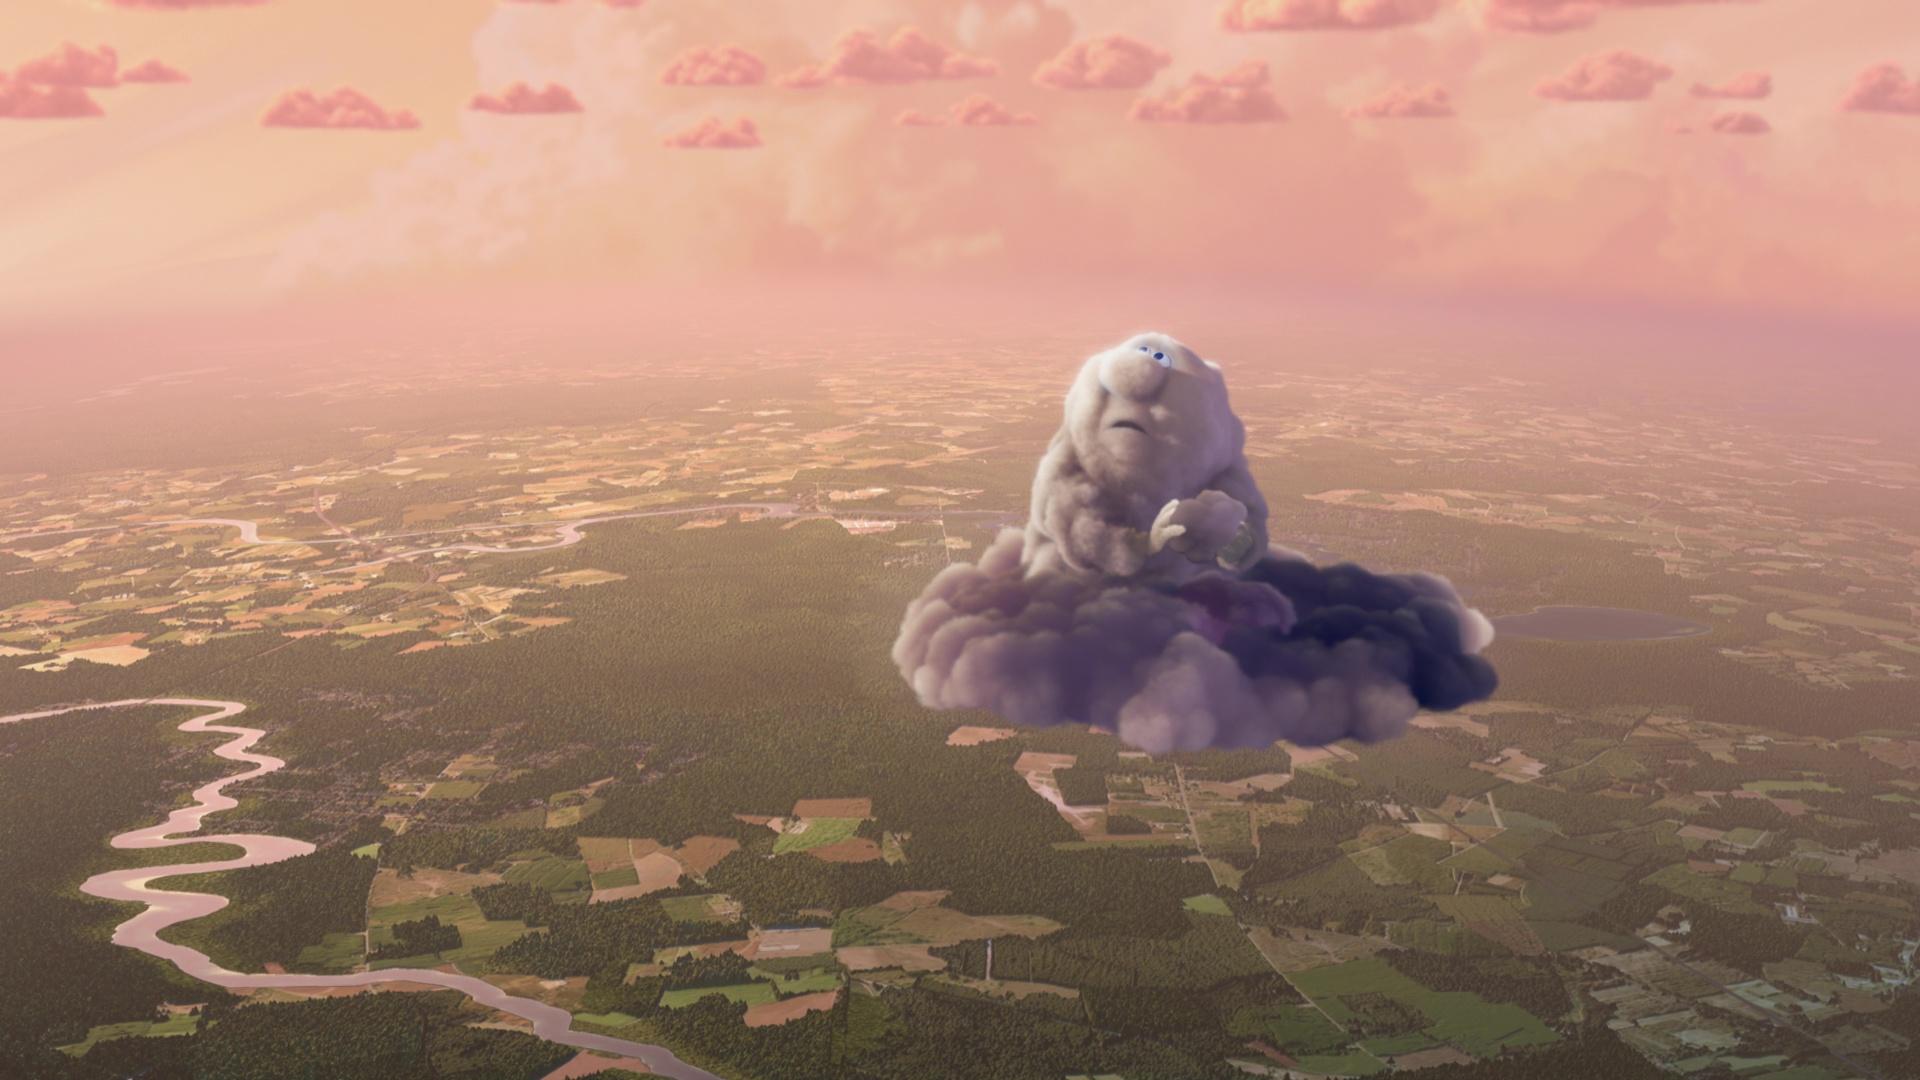 image passages nuageux partly cloudy disney pixar